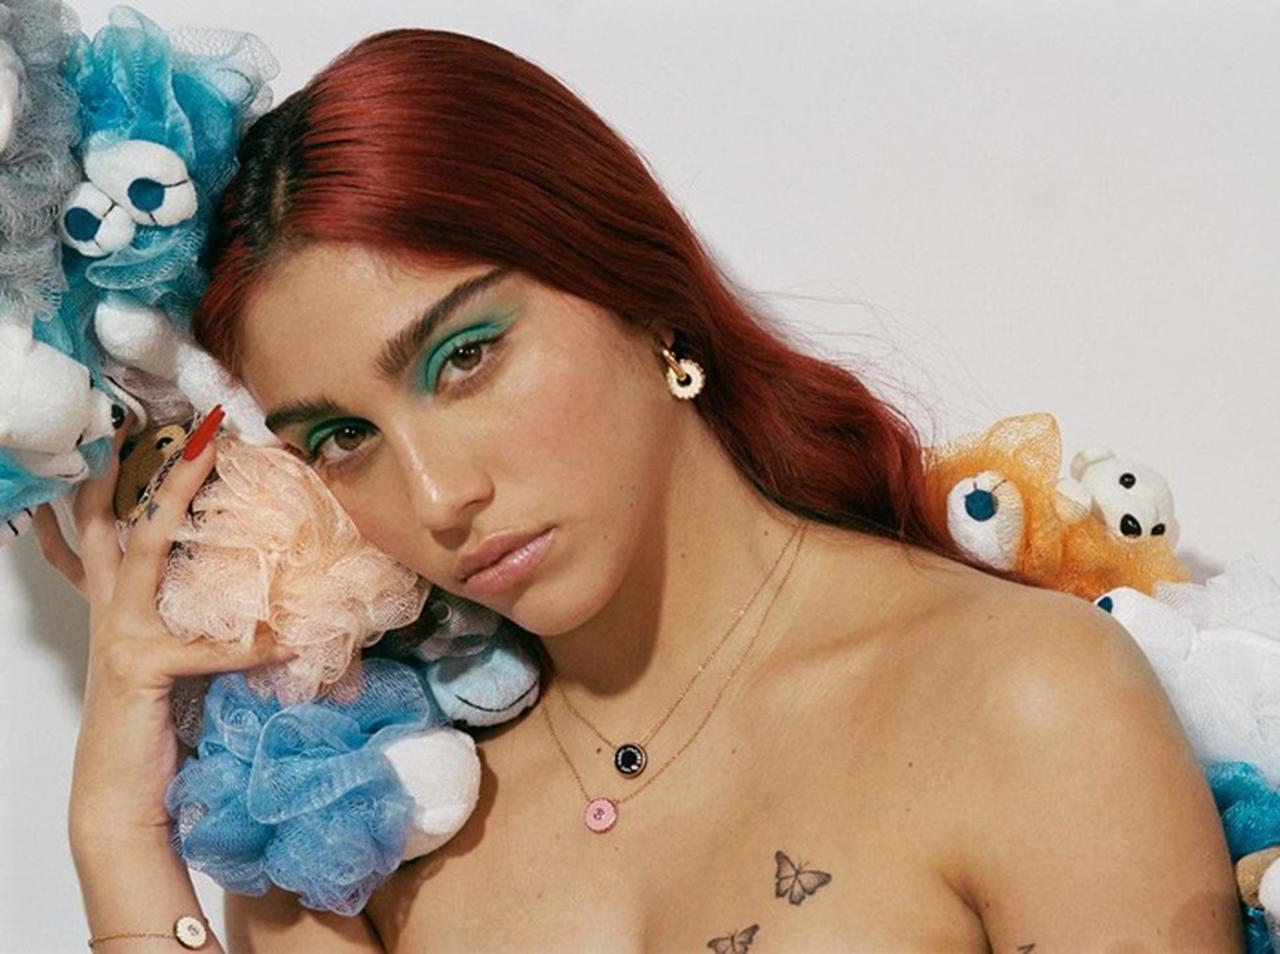 画像: マドンナ娘、人気ブランドの広告でもワキ毛を剃らず信念を貫く - フロントロウ -海外セレブ&海外カルチャー情報を発信